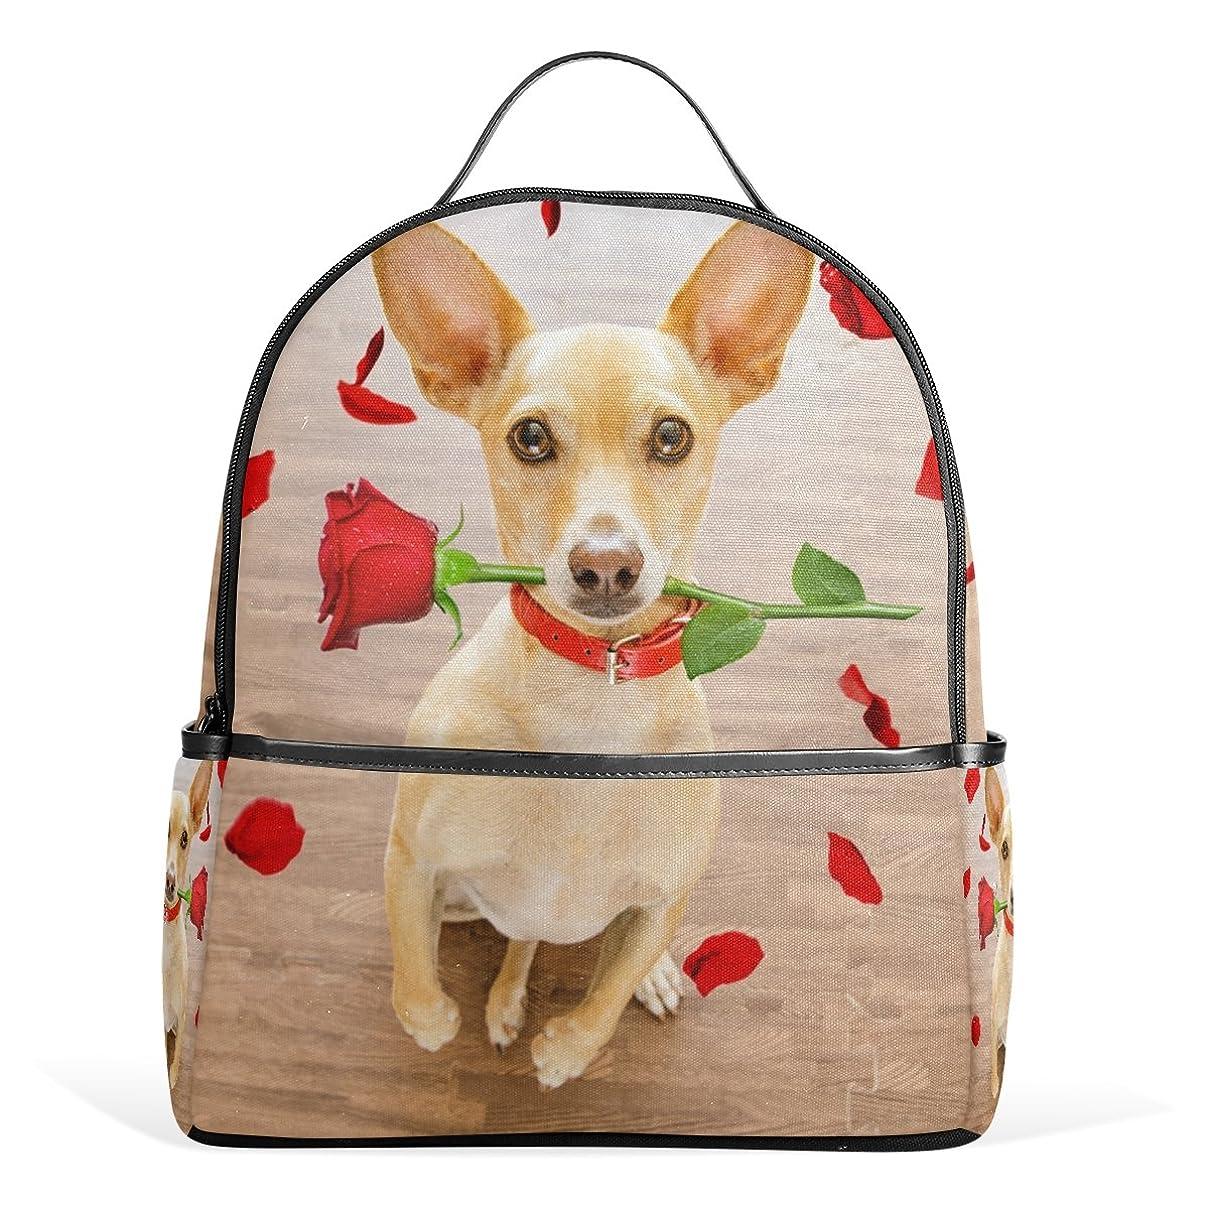 規定ペナルティ悪性のAOMOKI リュック リュックサック バッグ 男女 兼用 メンズ レディース 通勤 通学 大容量 学生 プロポーズ 可愛い犬 バラ柄